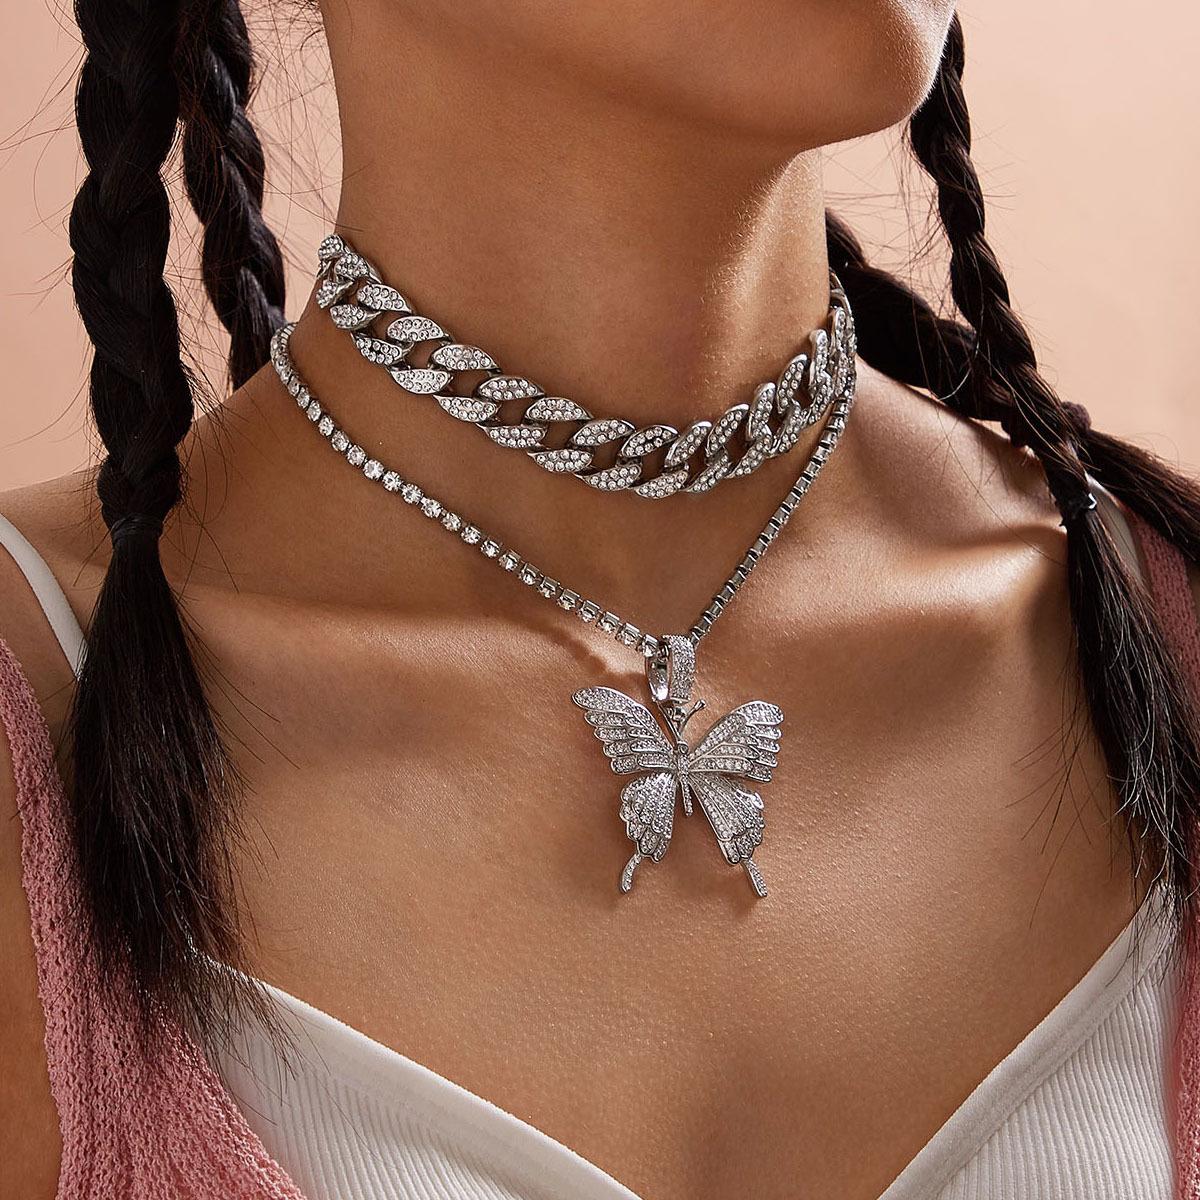 3 шт Искрящийся Кристалл паве бабочка кулон ожерелье 3d Модные